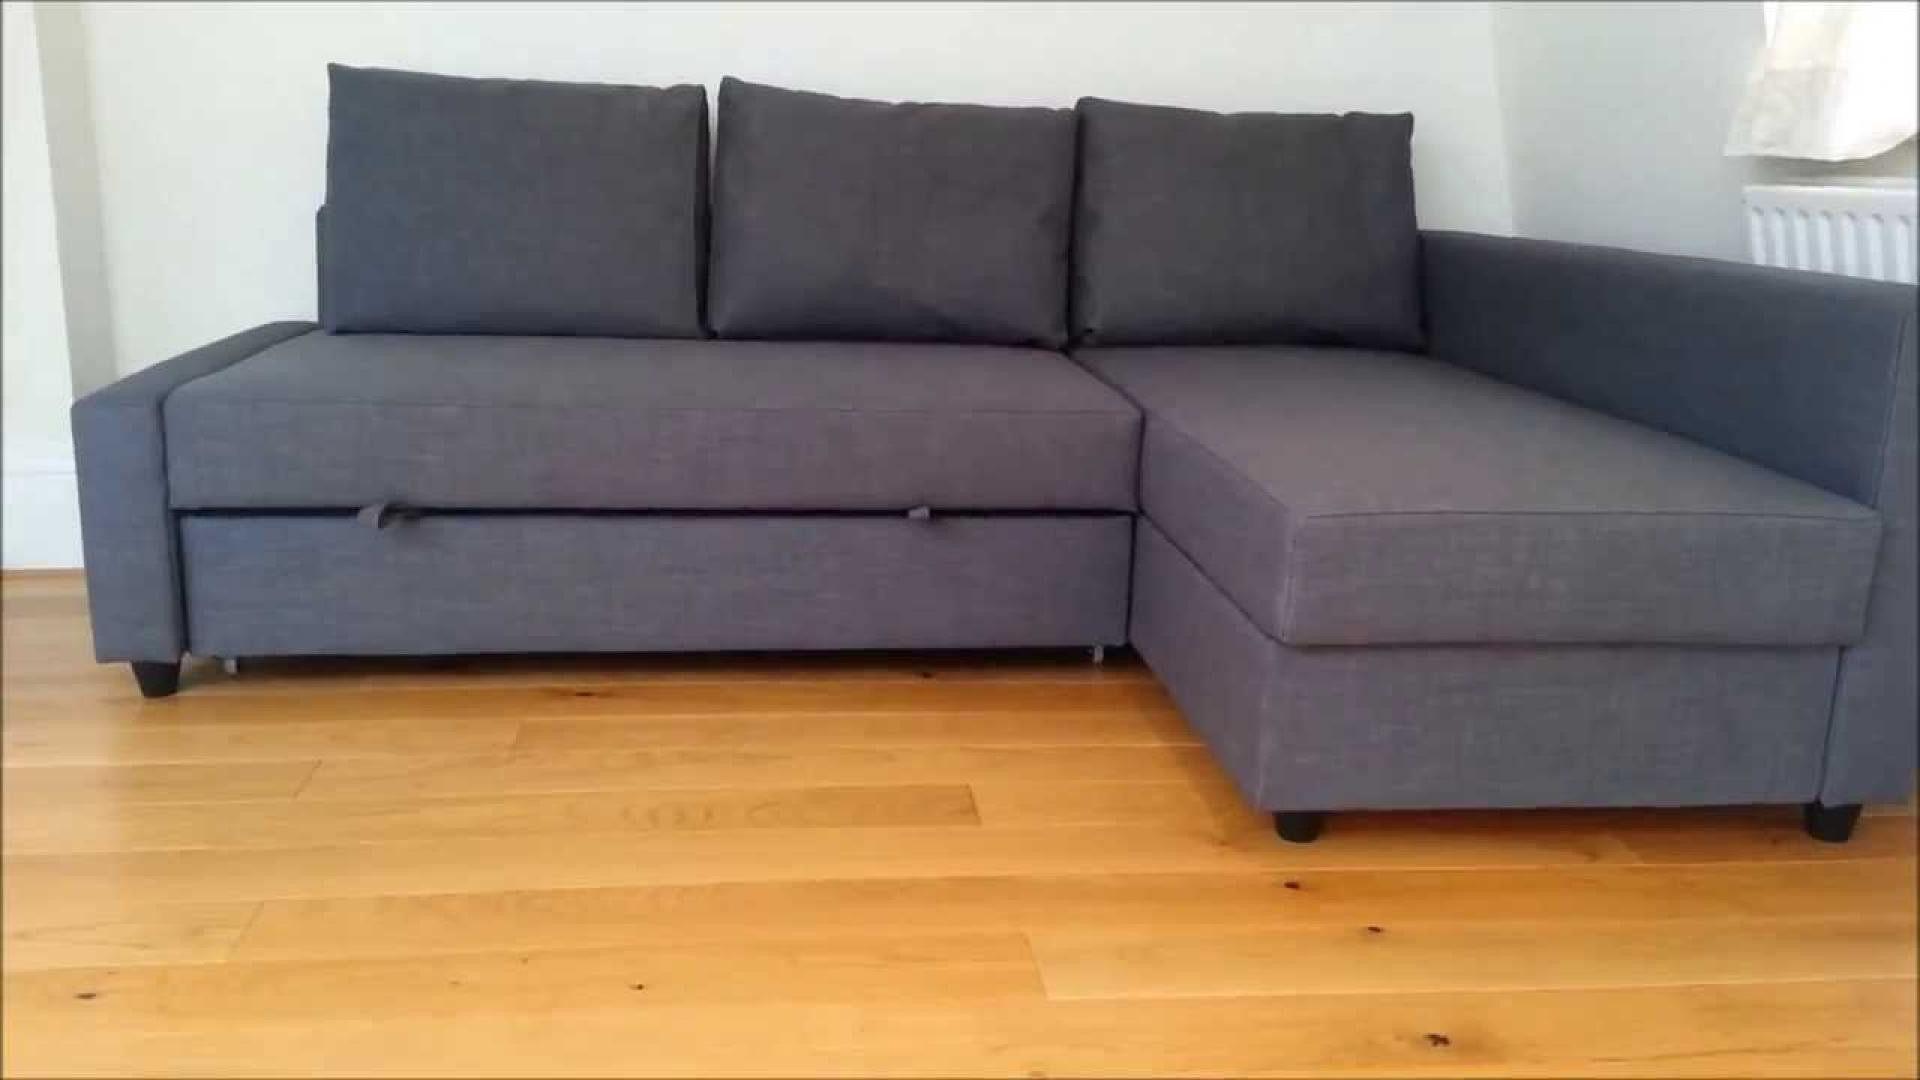 Canapé Lit Ikea Luxe Captivant Canapé Lit Convertible Ikea Sur Bz Pas Cher Ikea Canap